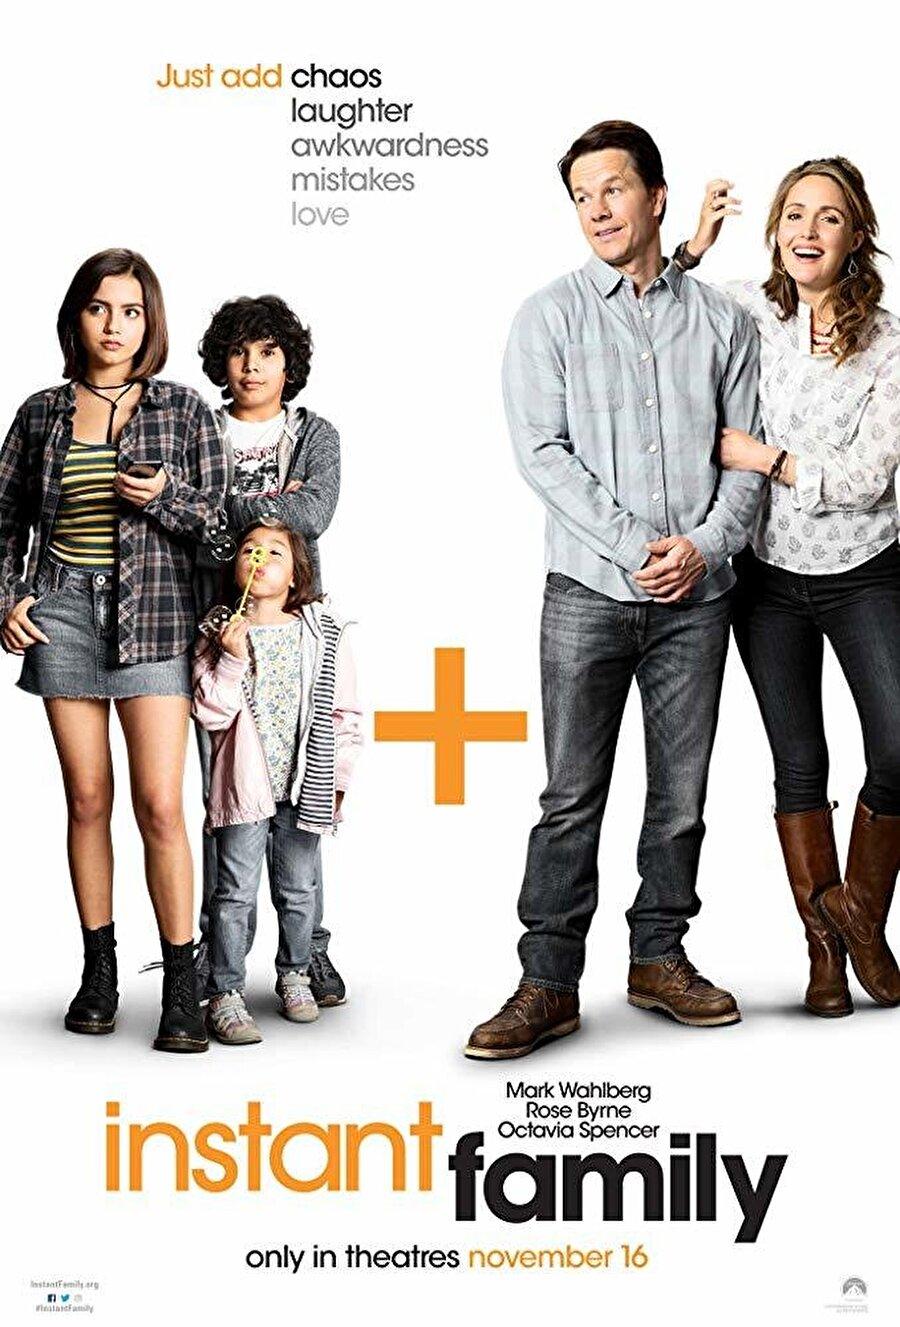 """7. Şipşak Aile                                      Rose Byrne ve Mark Wahlberg'in başrolünde yer aldığı """"Şipşak Aile"""", bir aile kurmaya karar veren Pete ve Ellie çiftinin üç kardeşi evlat edinmesiyle yeni bir hayata uyum sağlama çabalarını odağına alıyor. Wahlberg ile Byrne ikilisine başrolde Isabela Moner, Gustavo Quiroz, Julianna Gamiz ve Octavia Spencer'ın eşlik ettiği komedi dram karışımı filmin yönetmen koltuğunda Sean Anders oturuyor."""